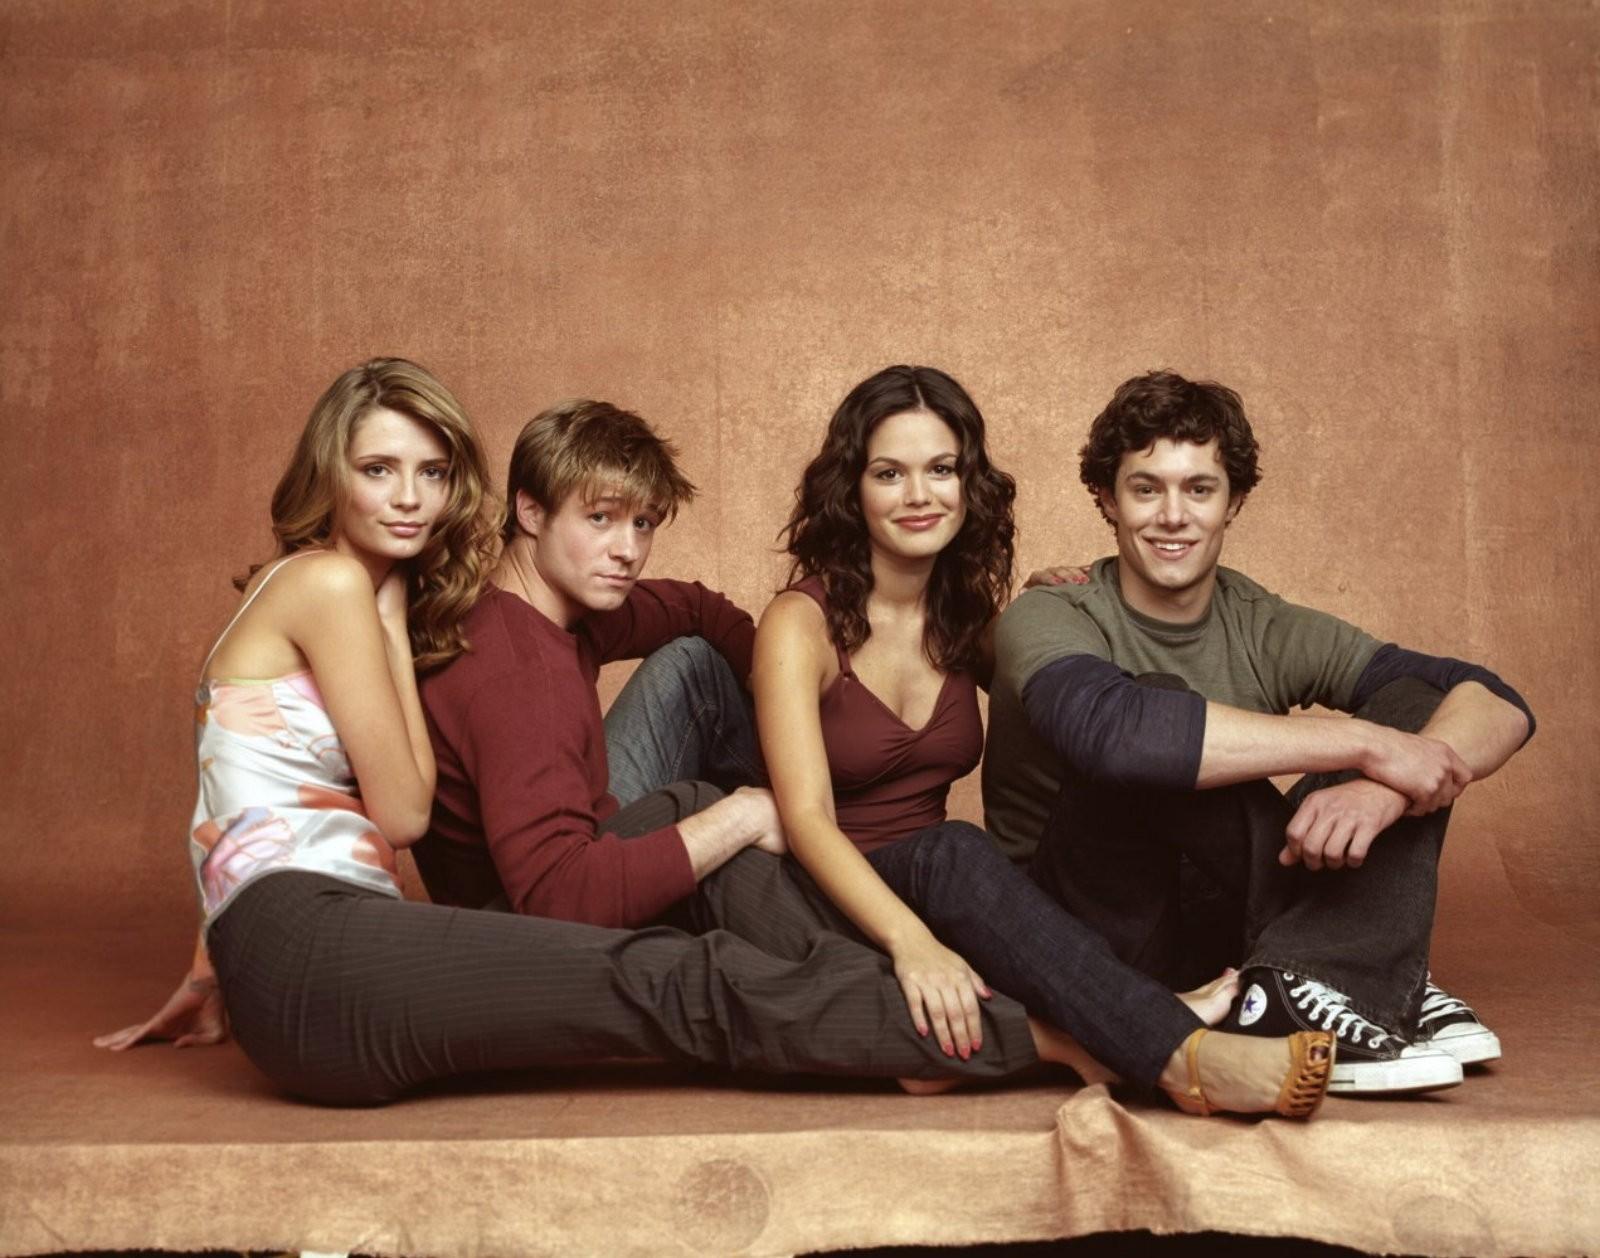 Un wallpaper con i protagonisti principali della stagione 1 di The O.C.